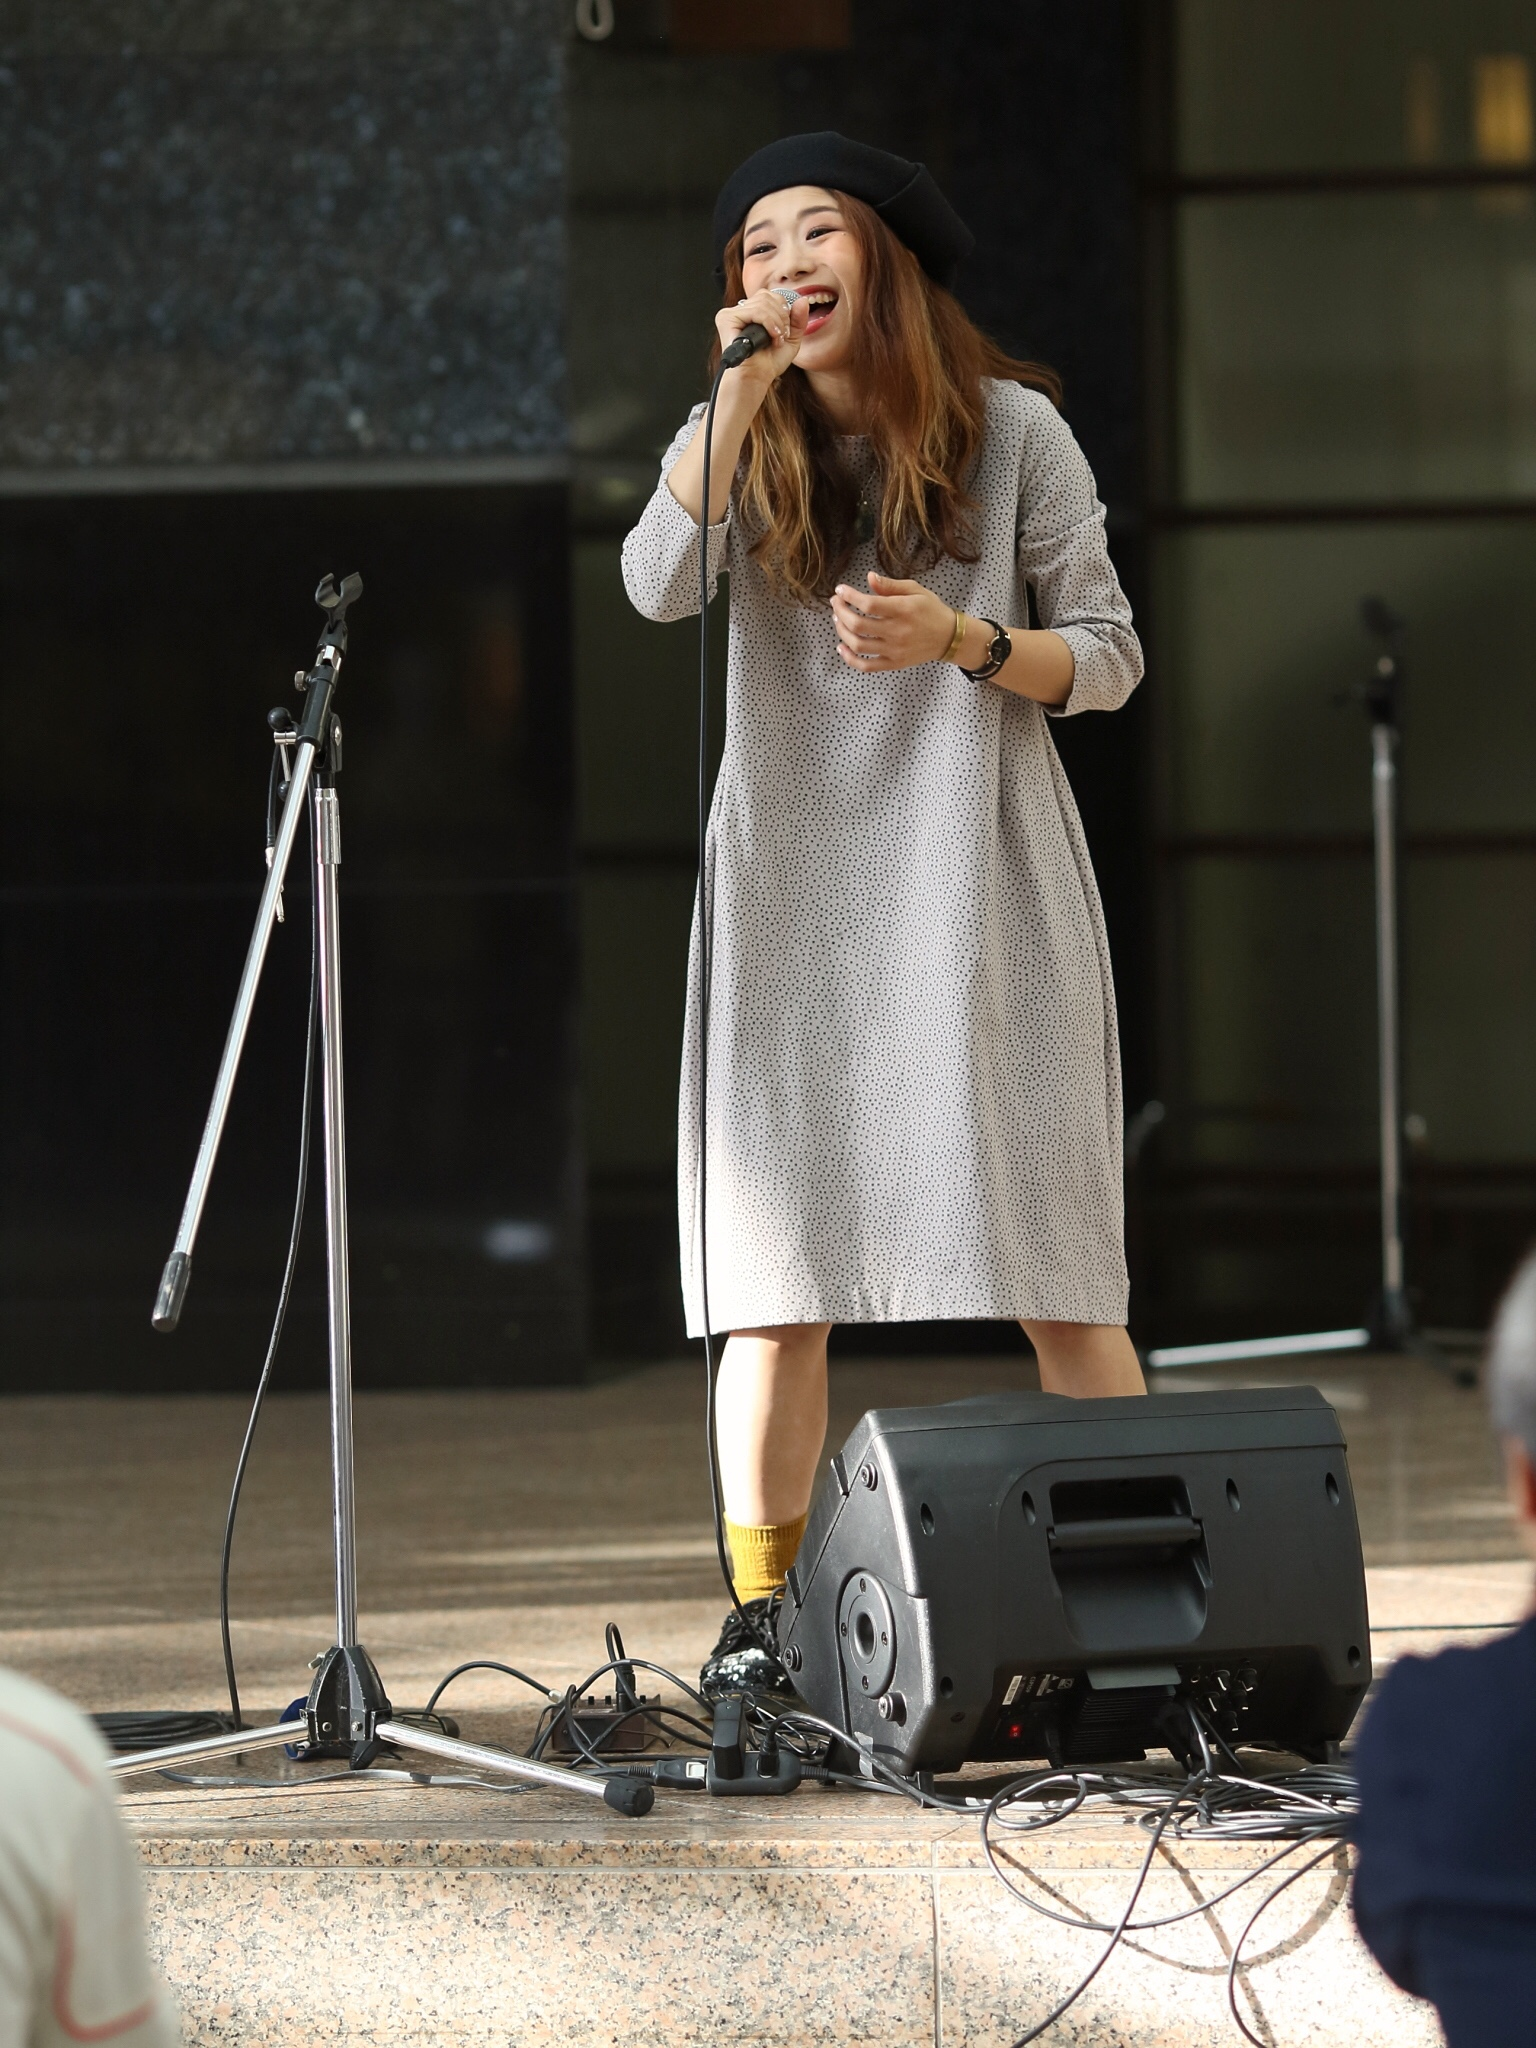 【秋から冬服へ】シンガーソングライターうたうゆきこのLive photo【ファッション】_3